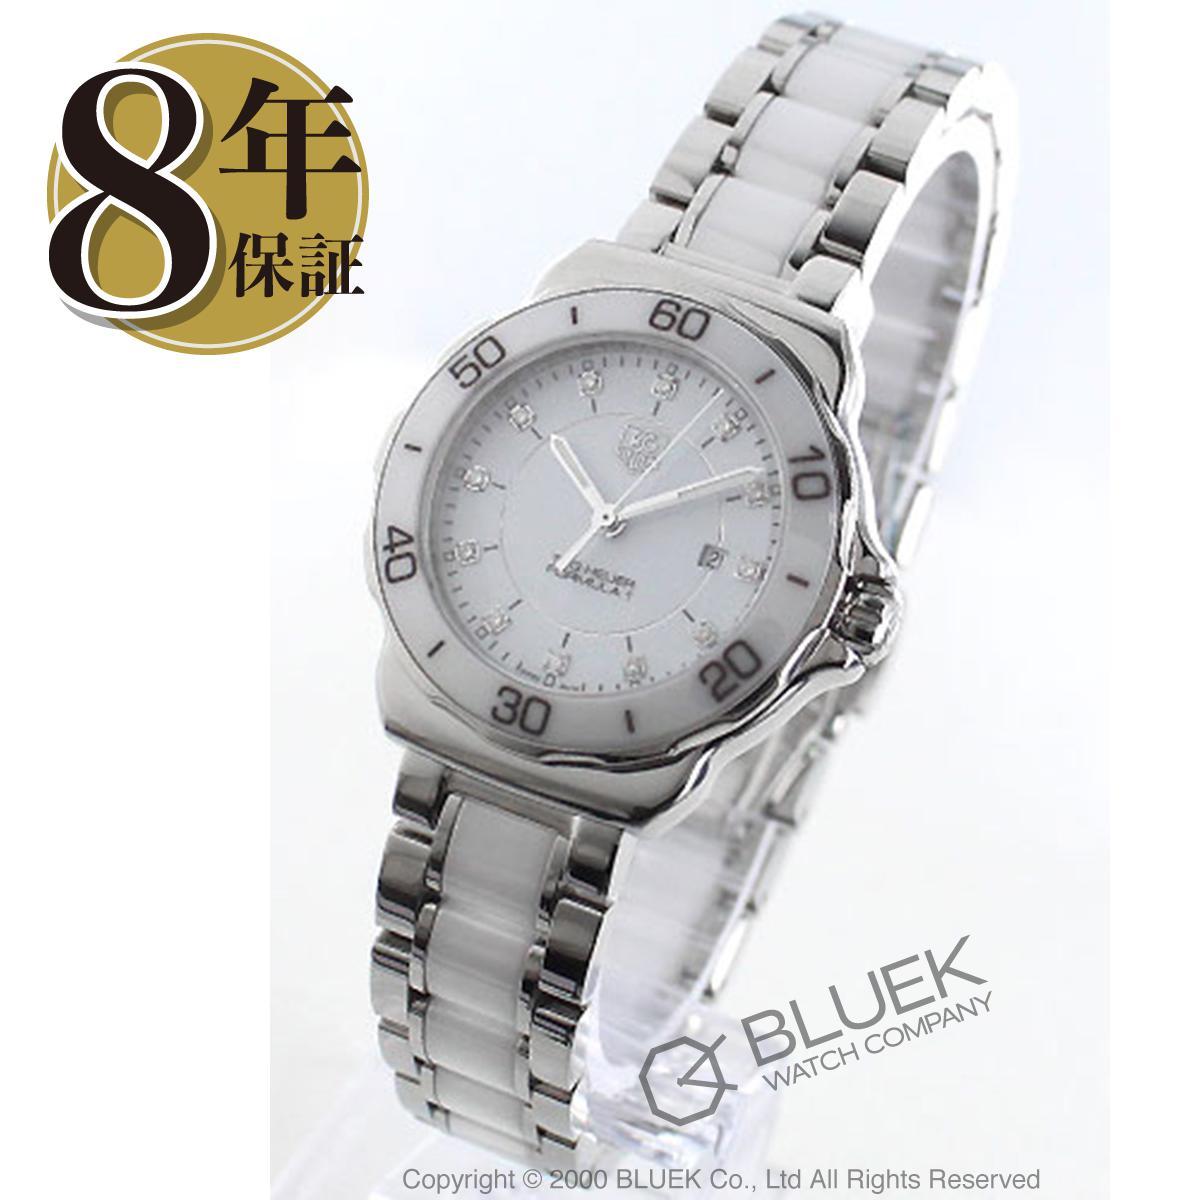 タグホイヤー フォーミュラ1 ダイヤ 腕時計 レディース TAG Heuer WAH1315.BA0868_8